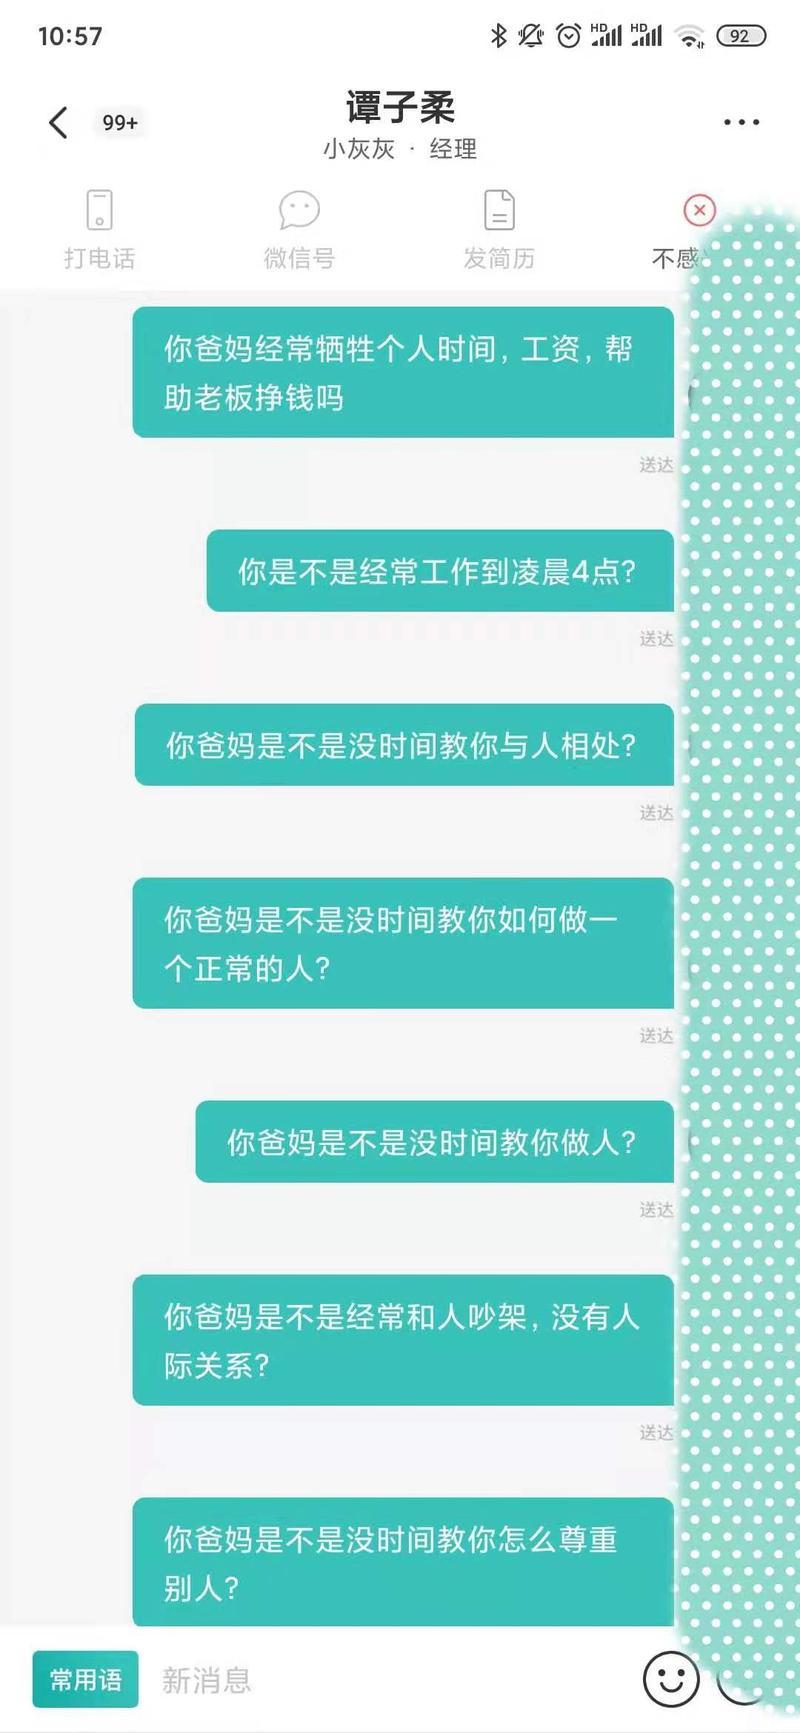 杭州阿里嘎巴创始人于2021-04-13 11:03发布的图片